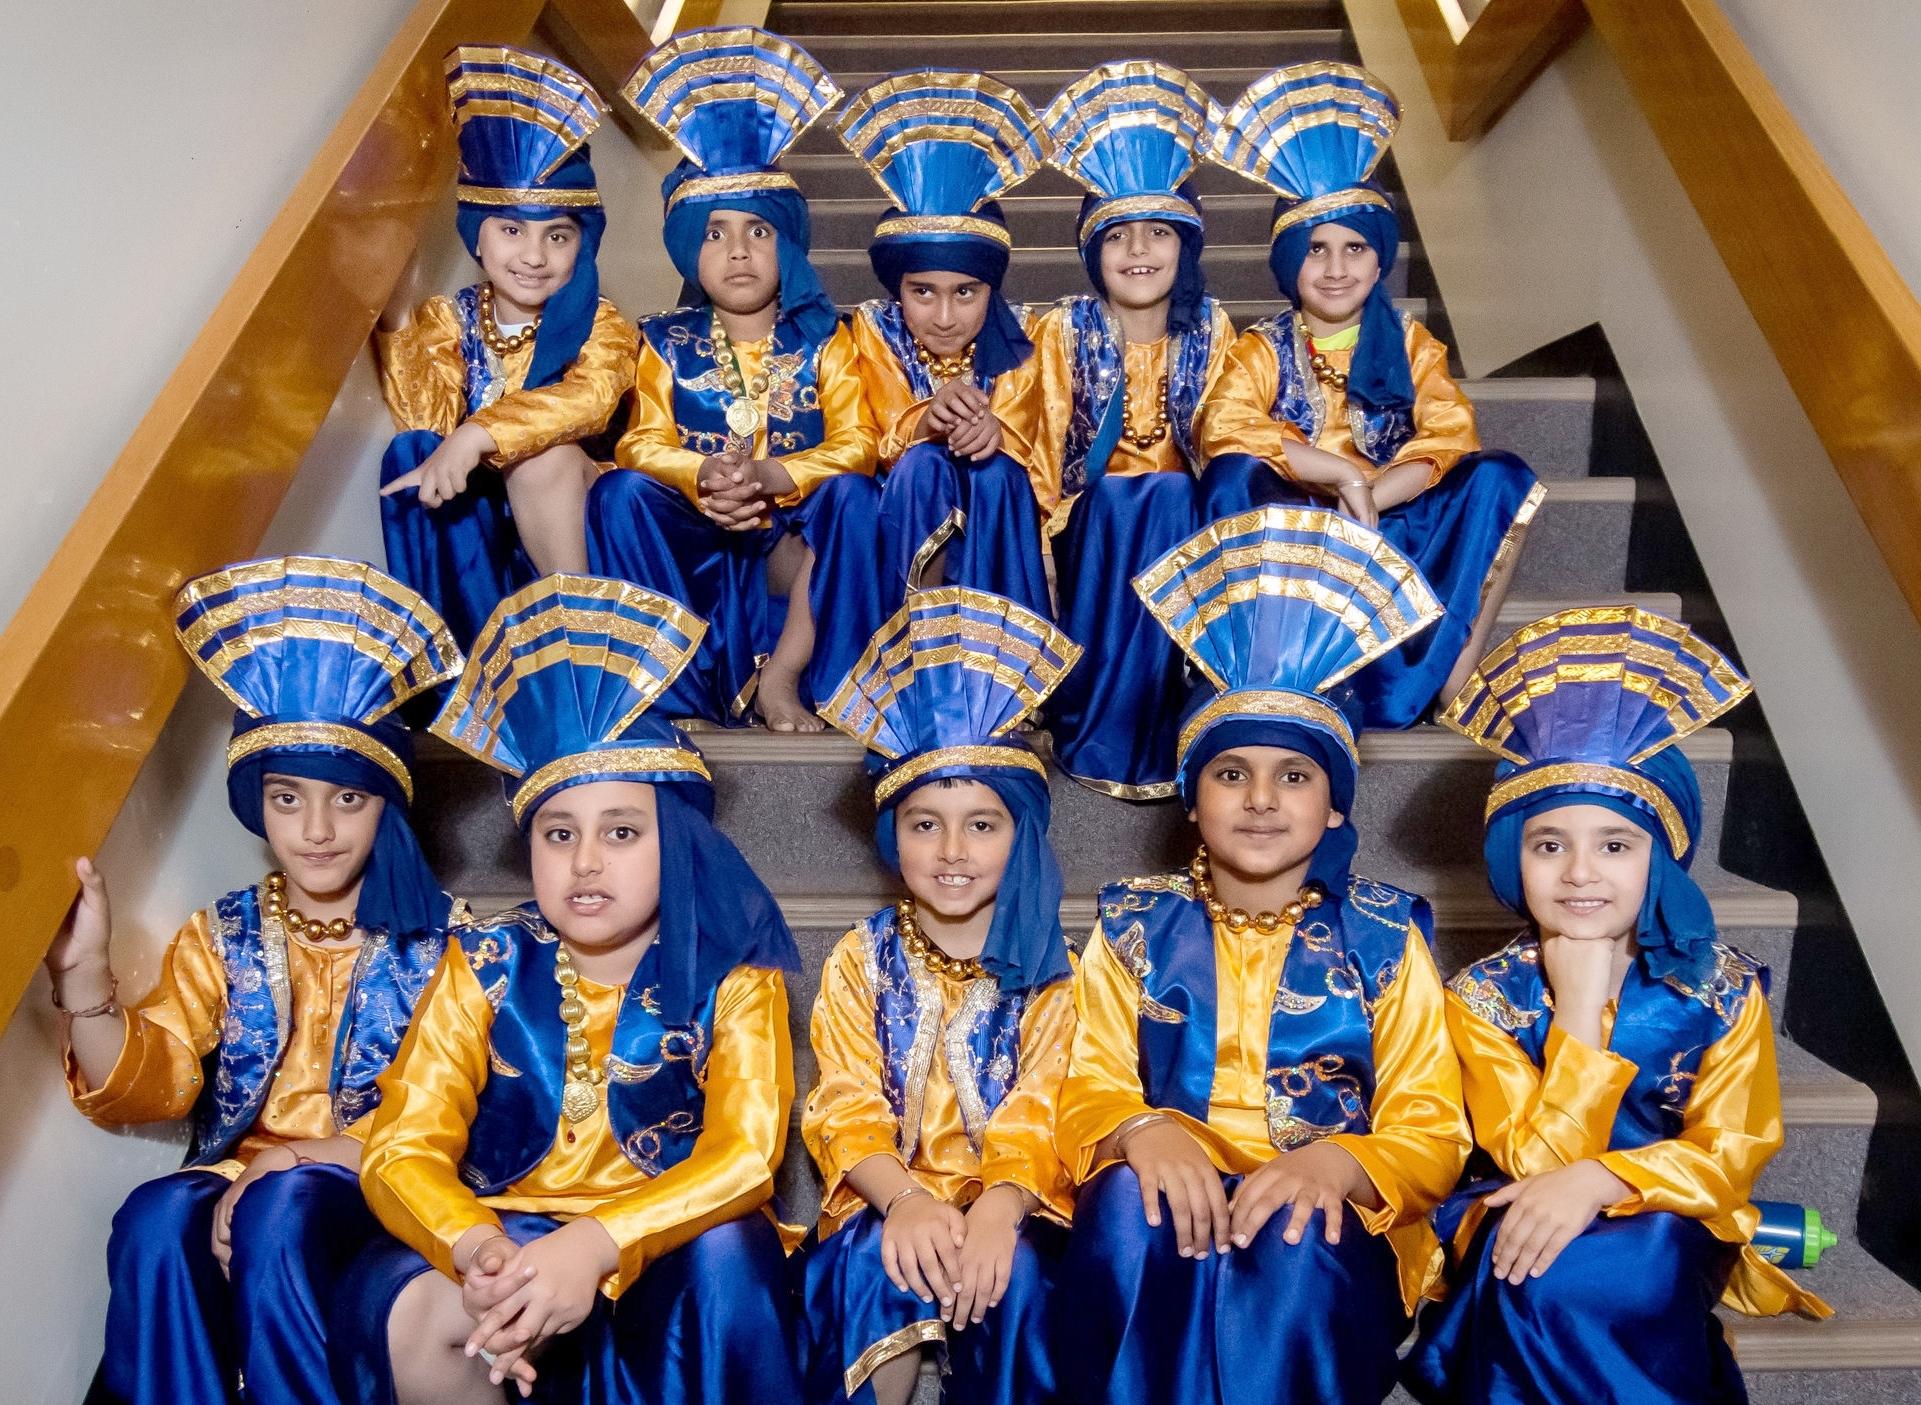 20170514 - Shan-e-Punjab Vaisakhi performance-0003.jpg